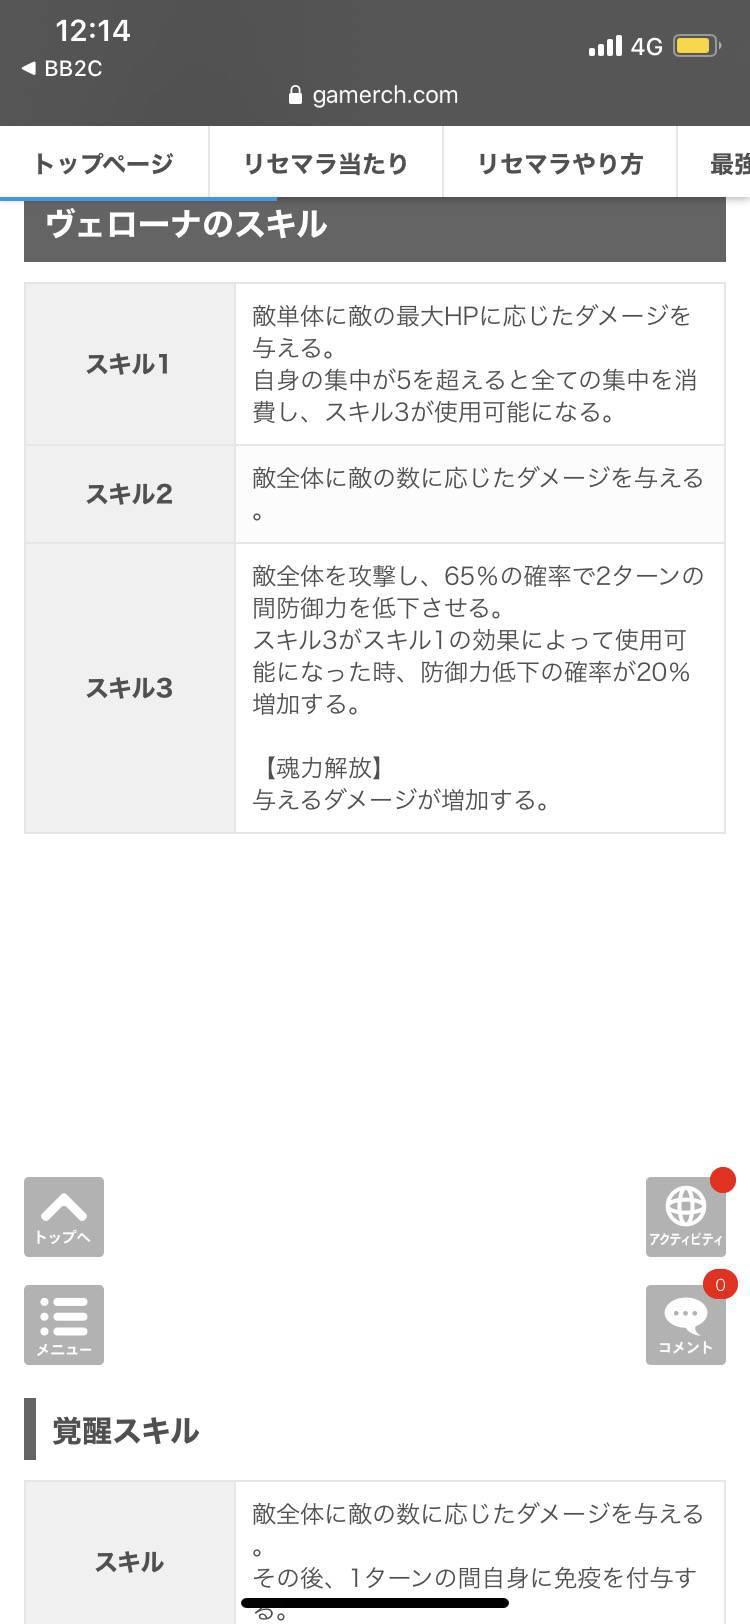 【エピックセブン】新英雄予告キタ━━━(゚∀゚)━━━!! これは引くしかねーんじゃねーか!?